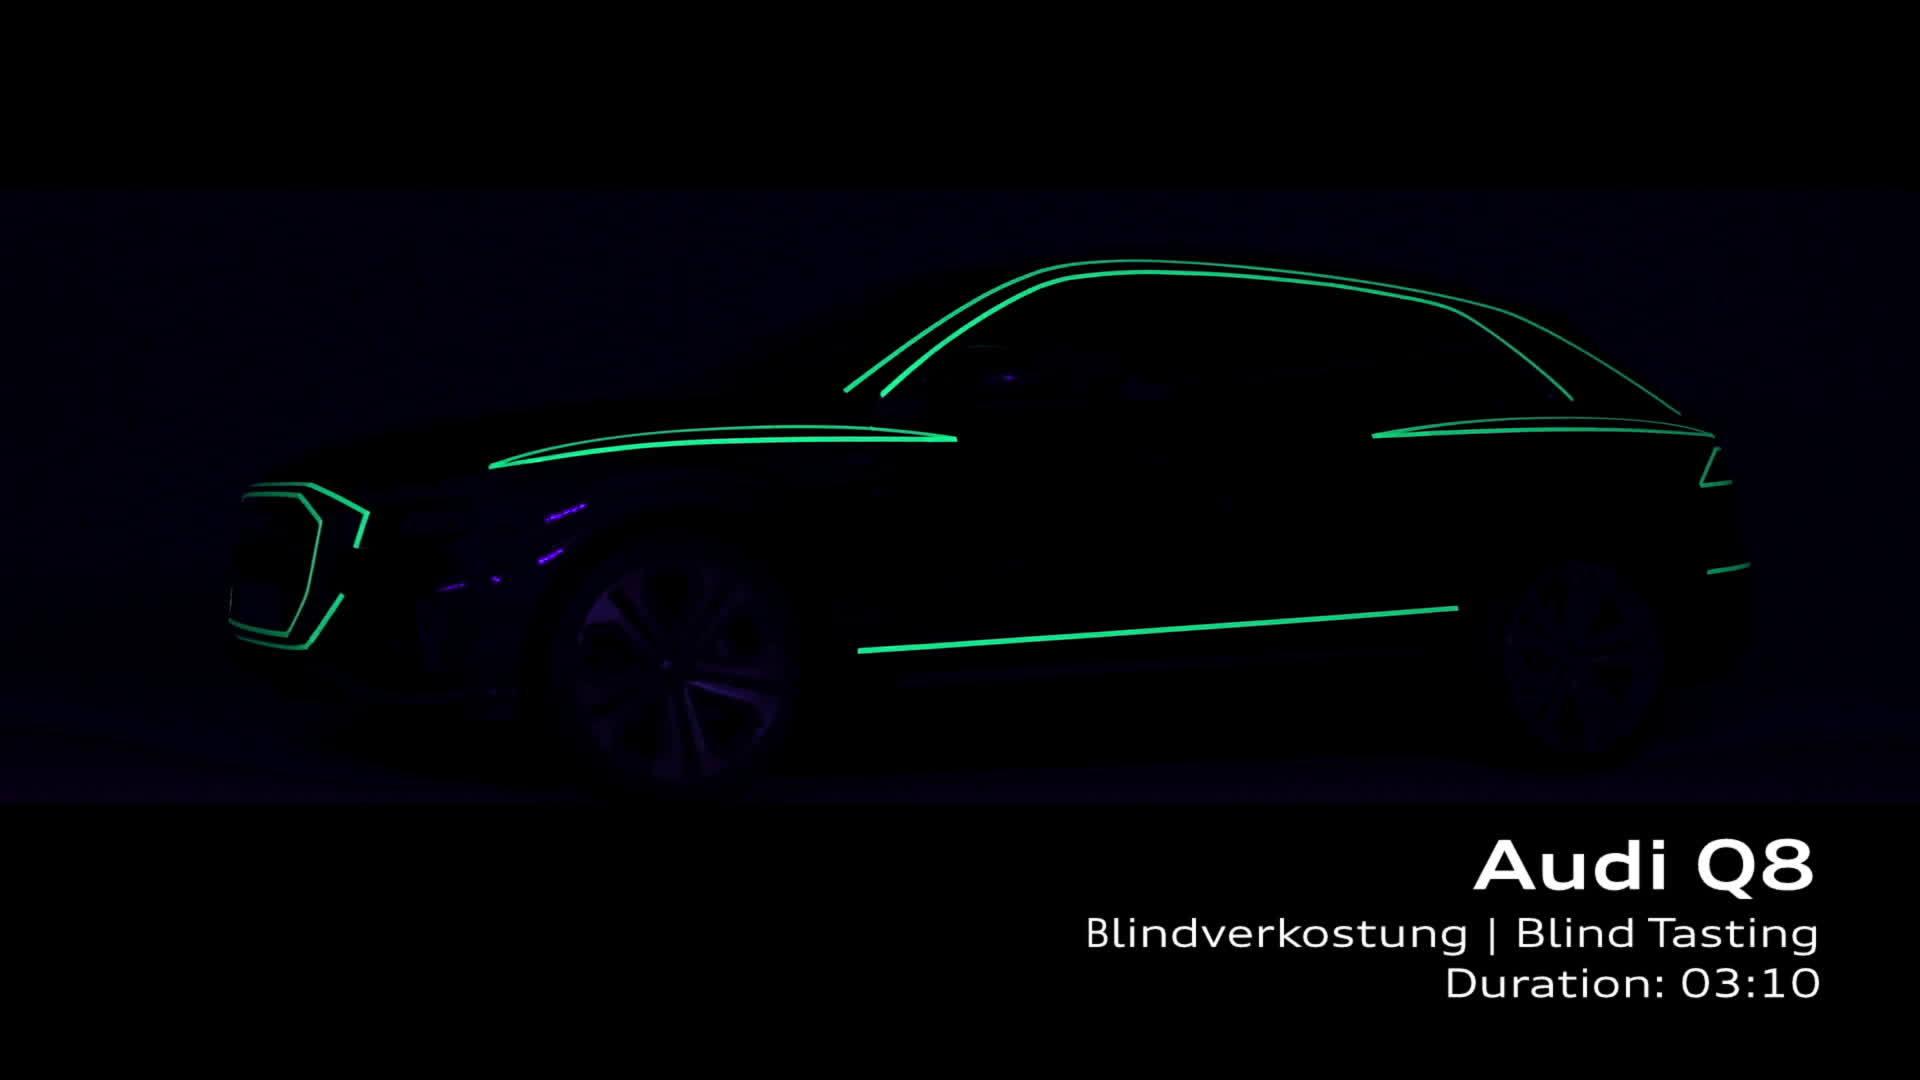 Footage Audi Q8 Blind Tasting